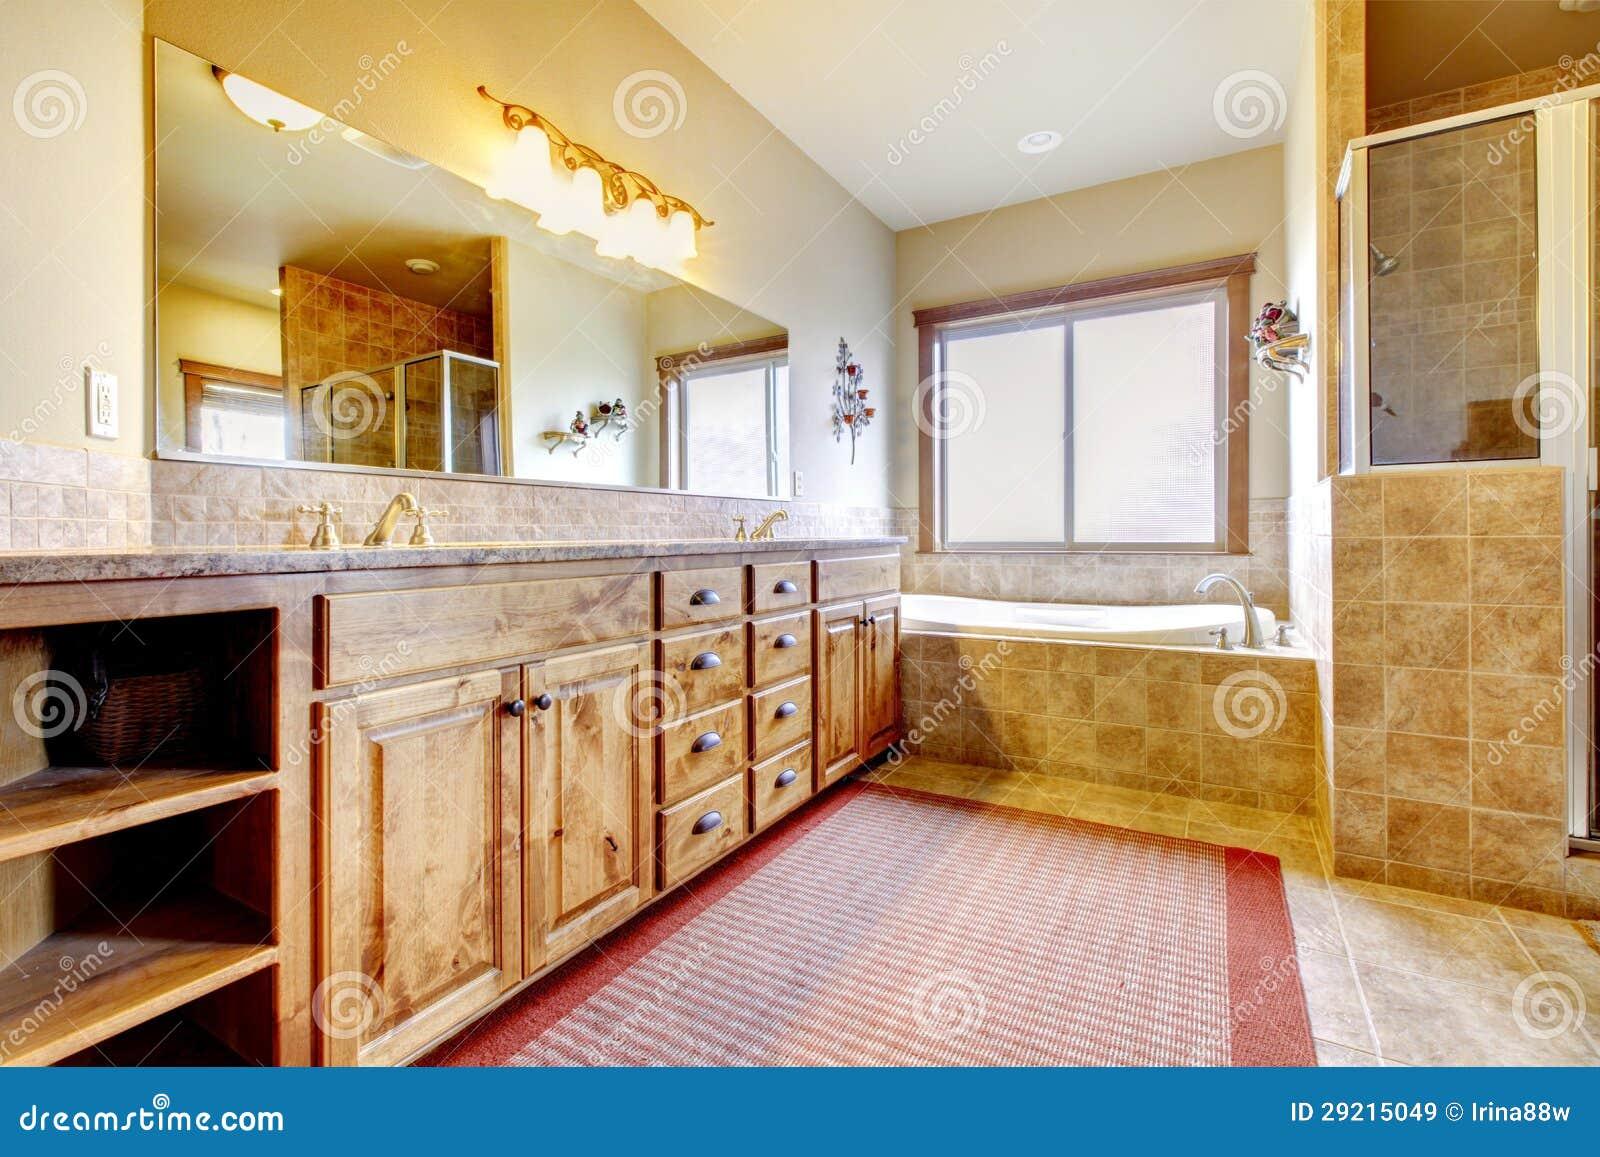 Bagno Legno Naturale : Grande bagno con mobilia di legno e colori naturali immagine